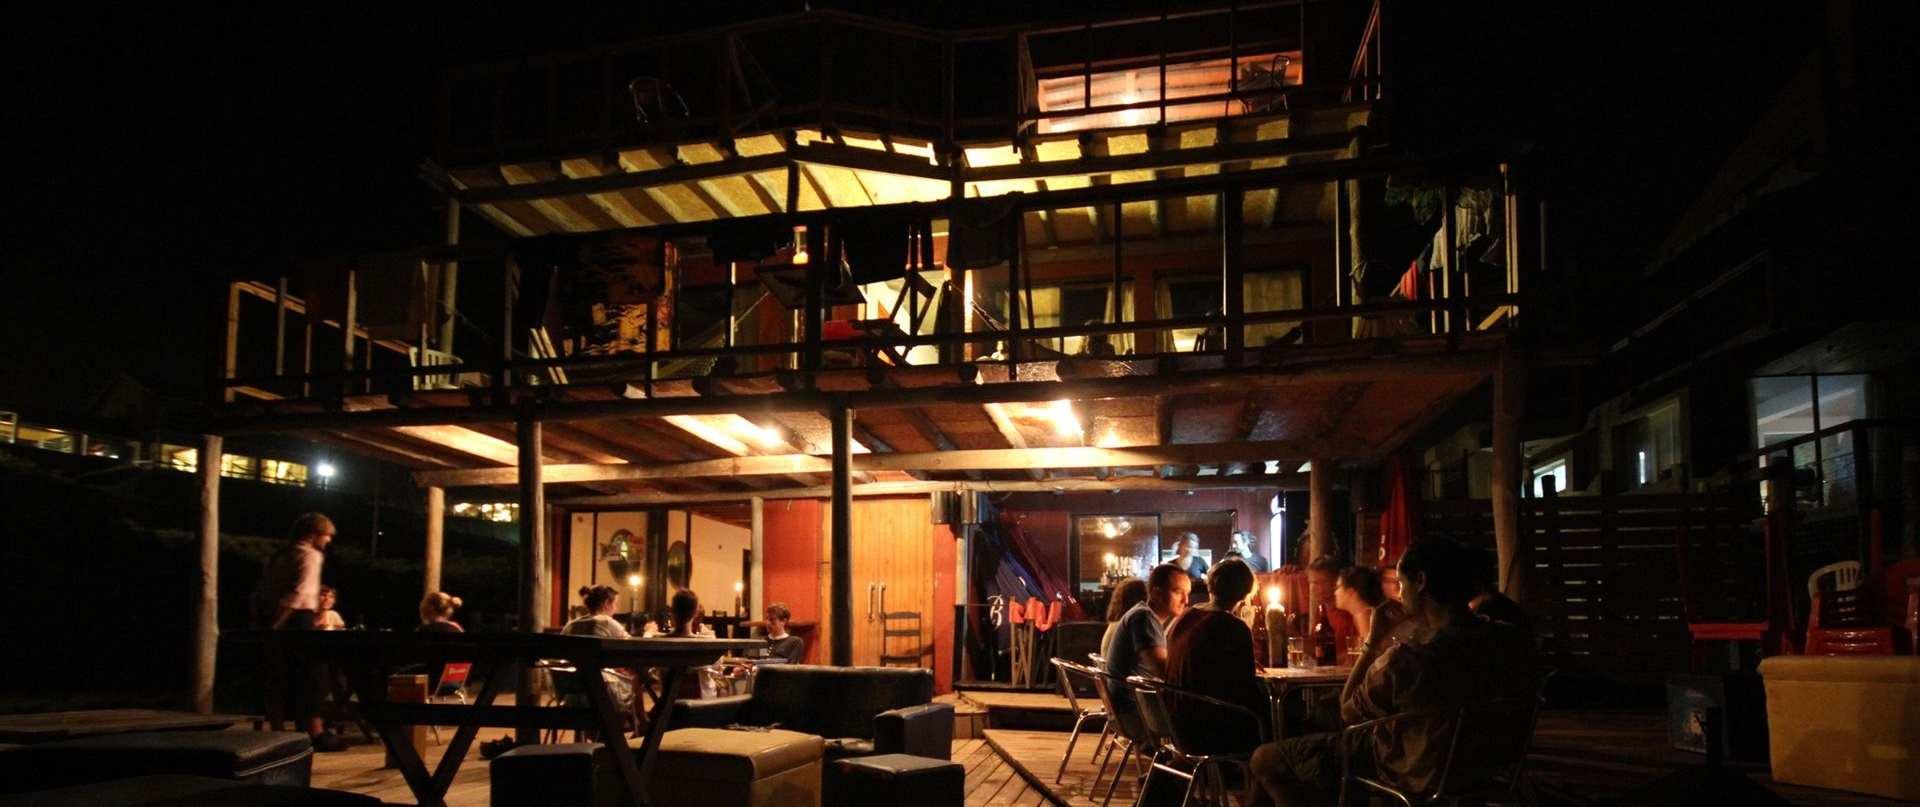 Dica de hostel em Punta del Diablo: El Diablo Tranquilo